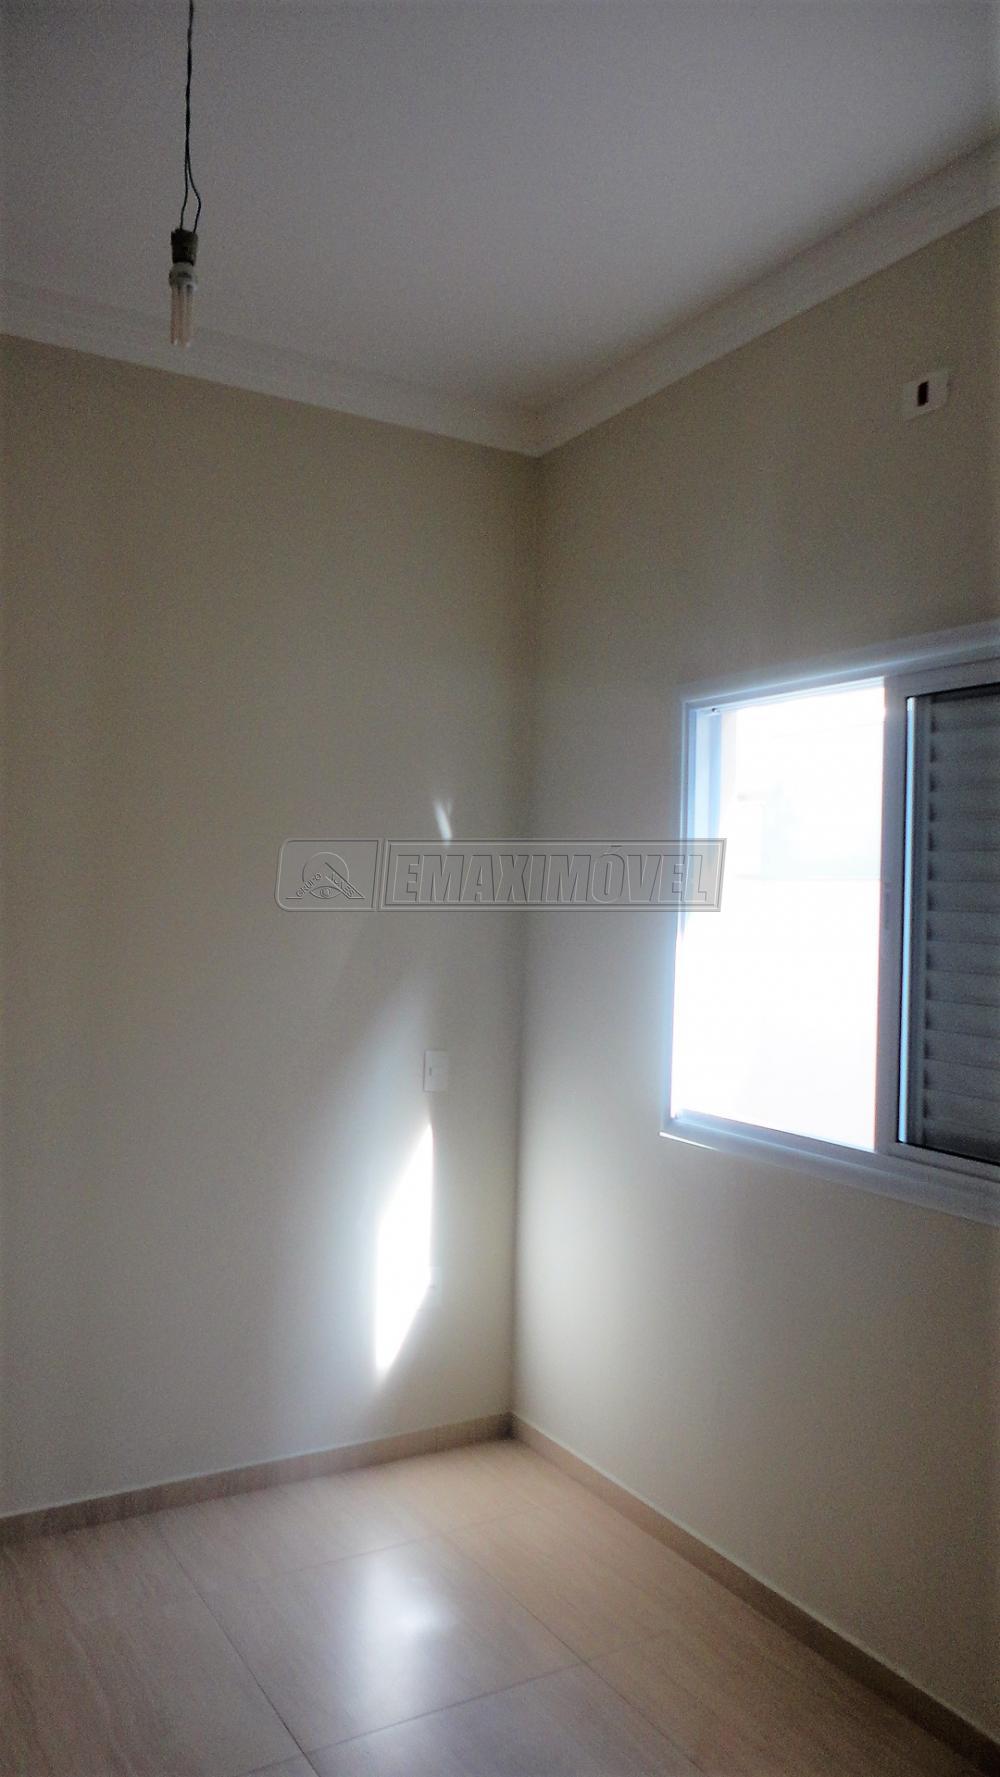 Comprar Casas / em Condomínios em Sorocaba apenas R$ 820.000,00 - Foto 25